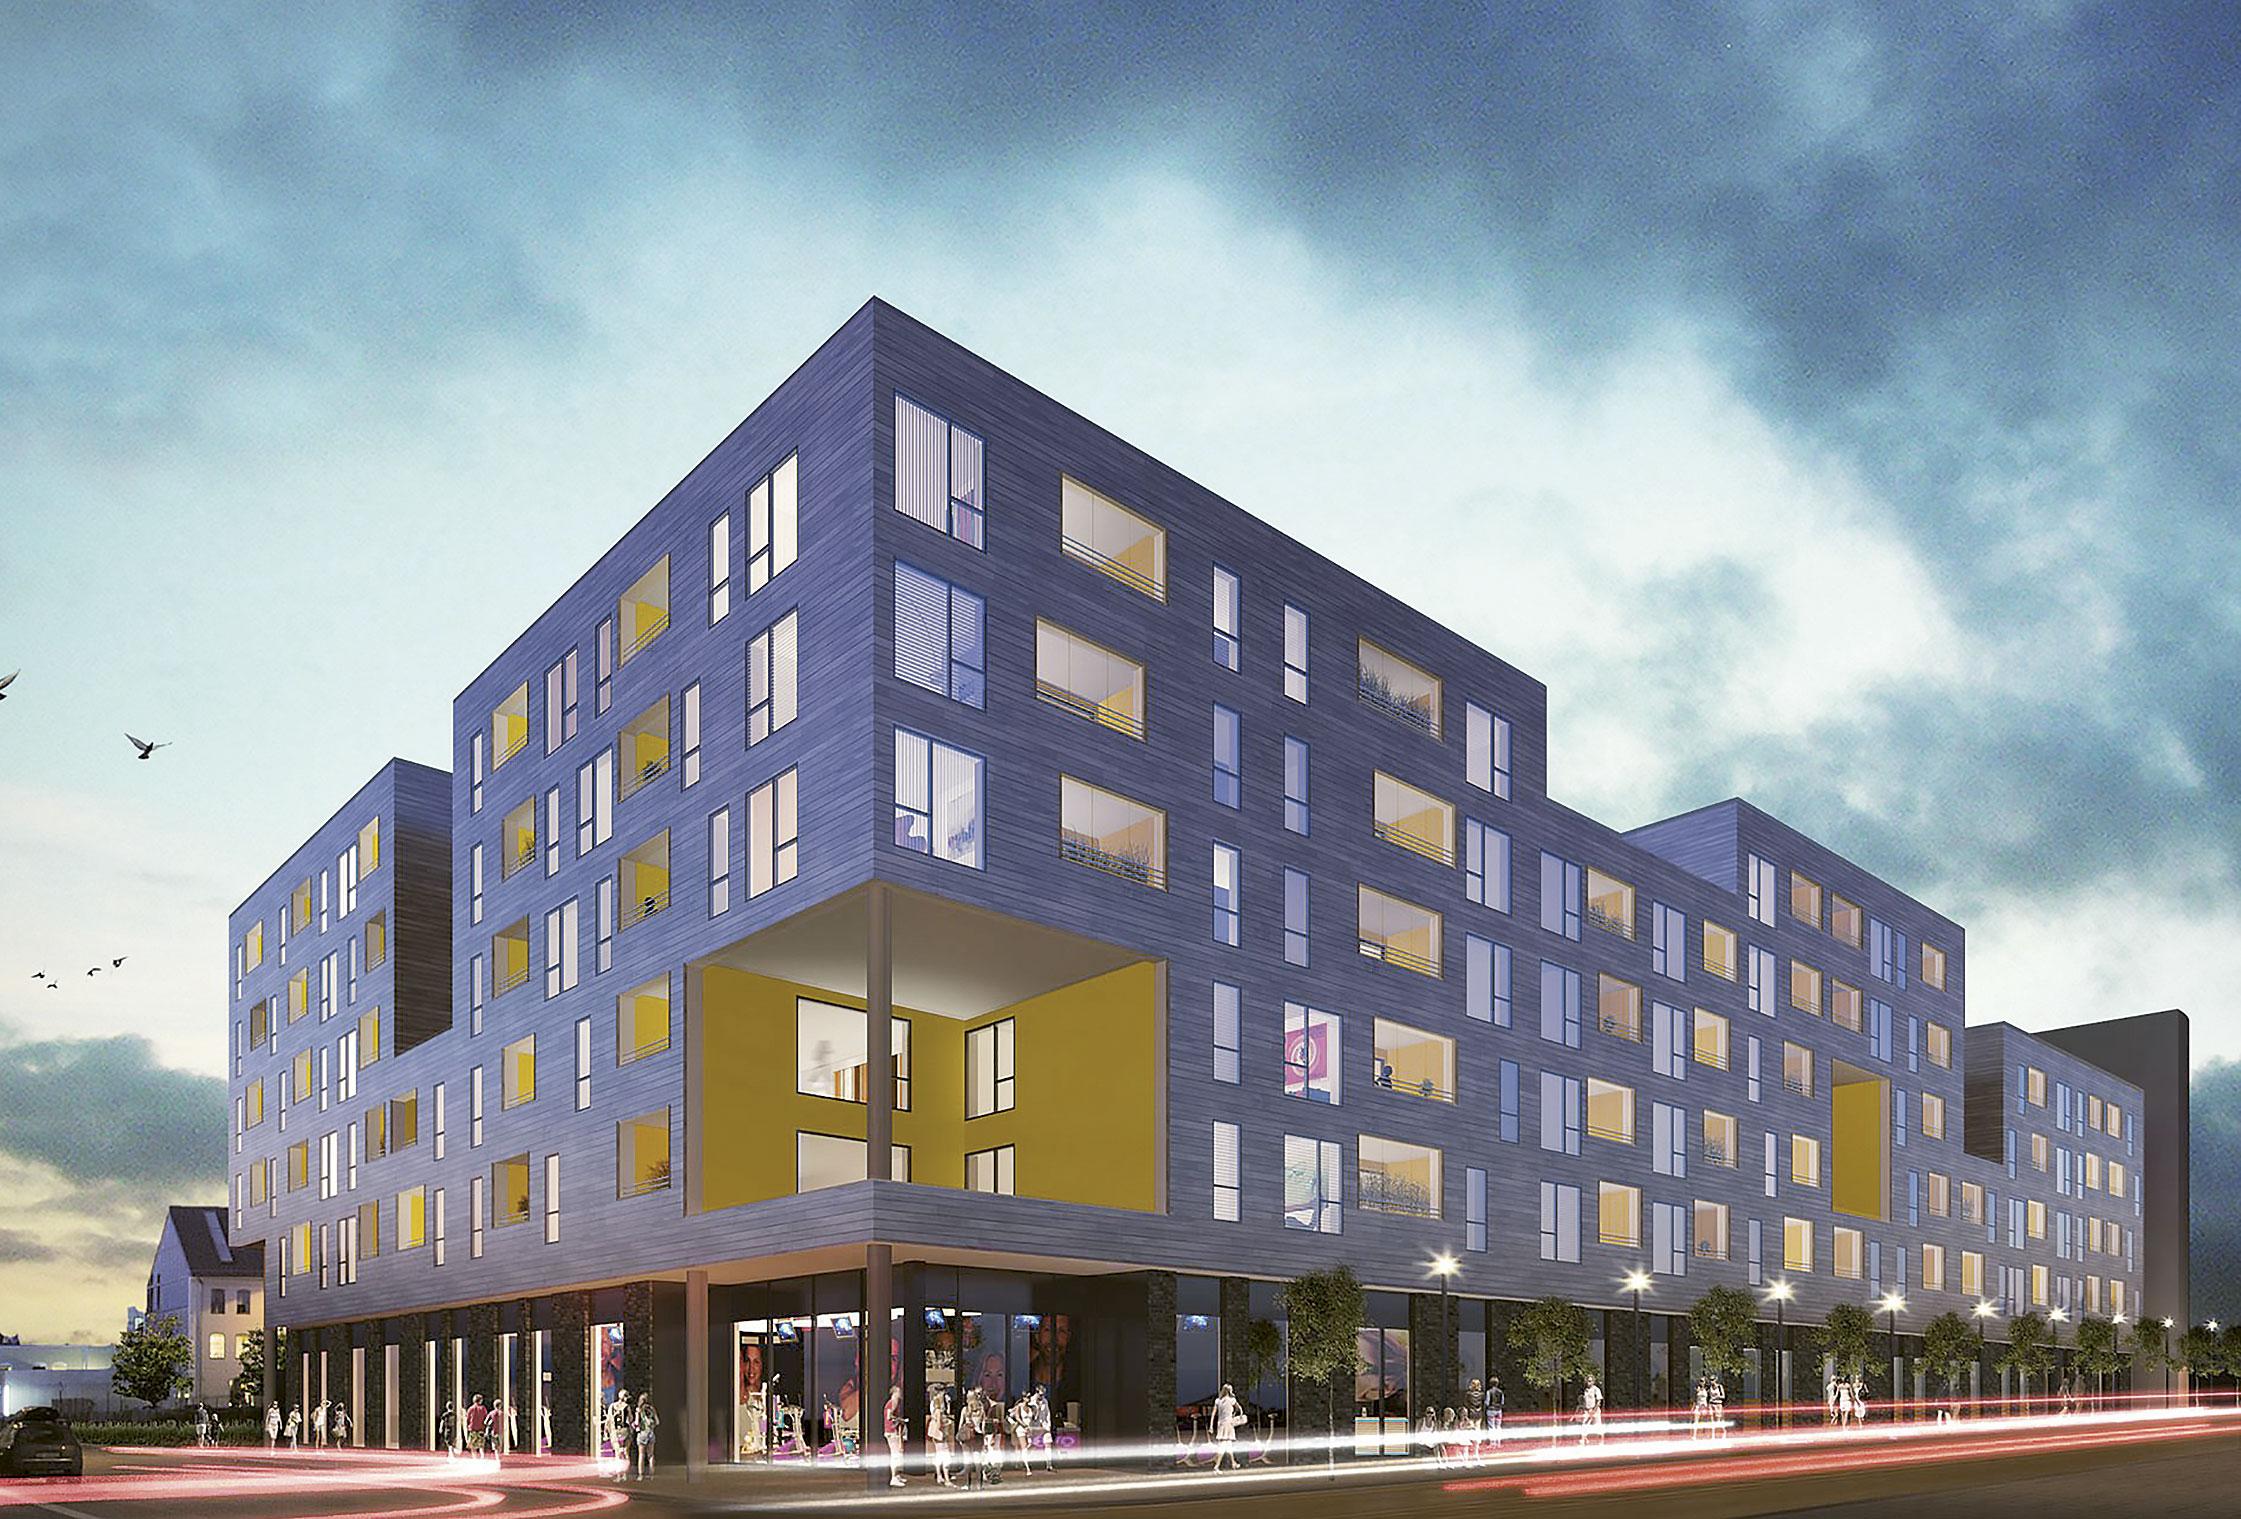 Østre bydel i Stavanger er boligprosjektet 5° Øst, som totalt skal bestå av 124 leiligheter. Foto: Link Arkitektur AS (5° Øst)